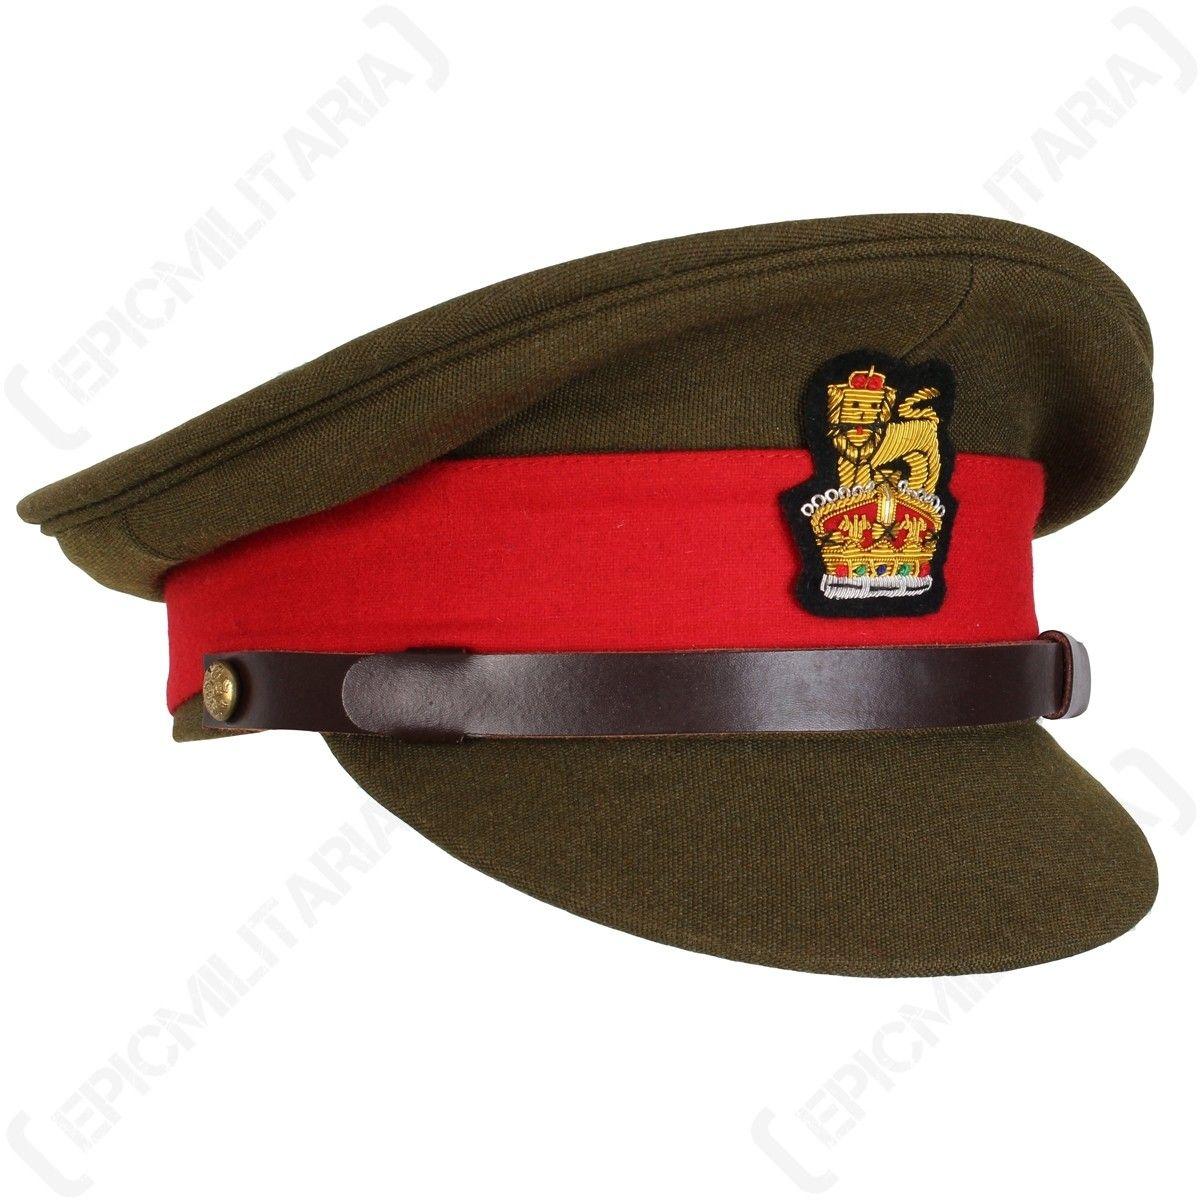 ecb424095 WW2 British Army Visor Cap - General Staff Officer Side | British ...